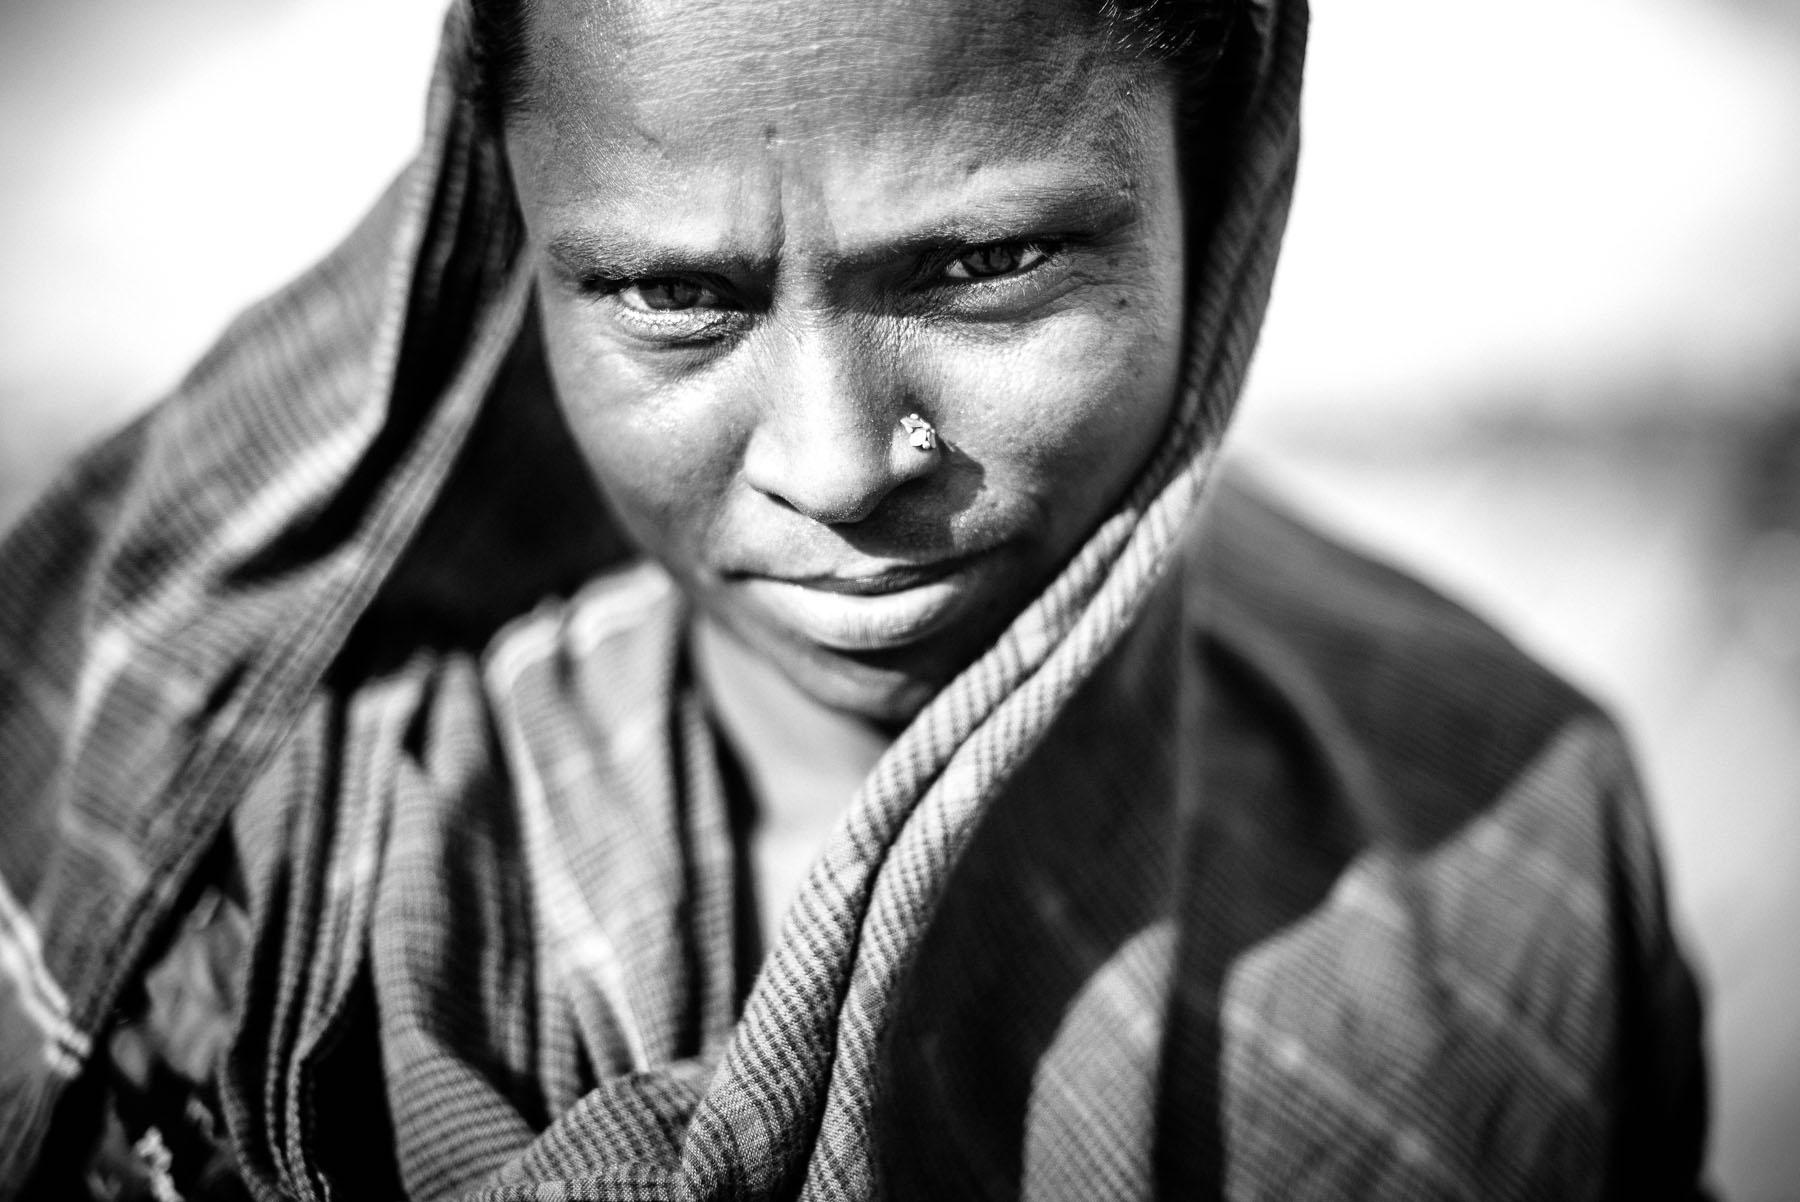 Jules_toulet_bangladesh-19